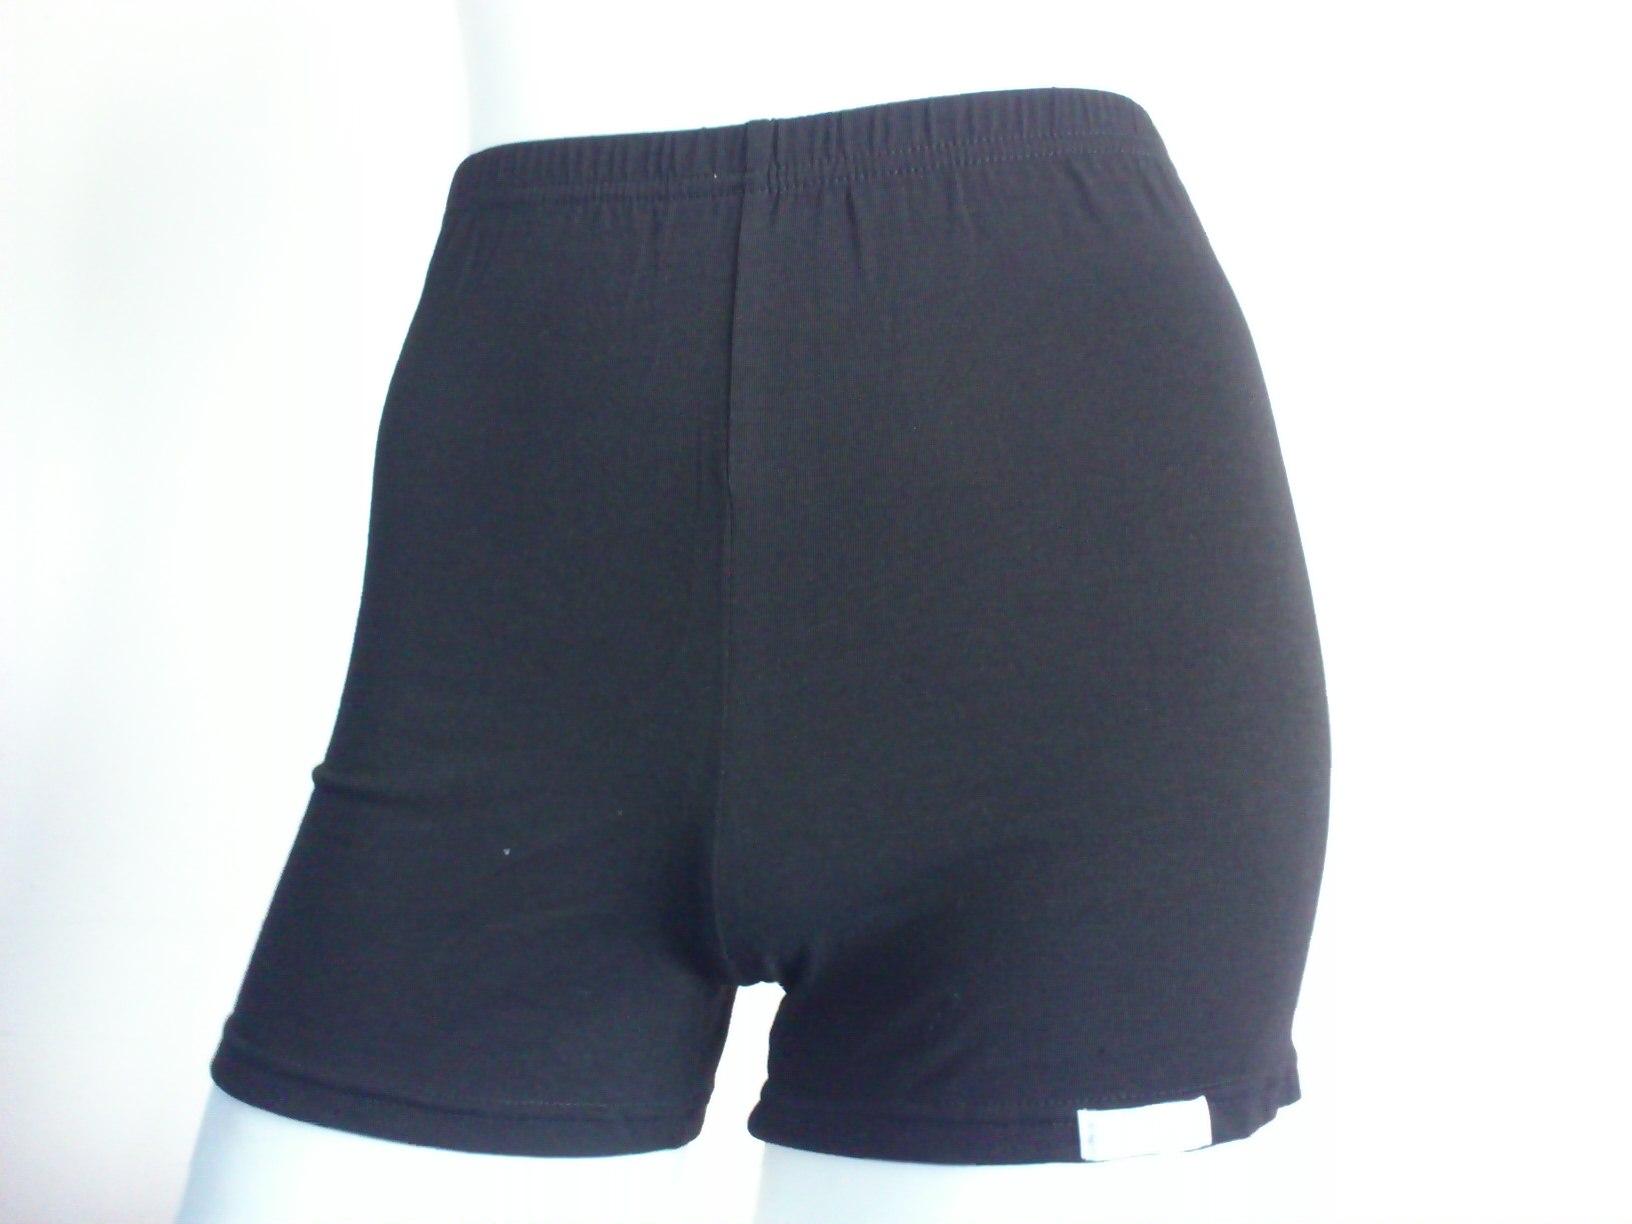 棉質安全褲包臀四角內褲平口褲無痕褲舒適柔軟超彈力彈性褲G23811俏麗一身